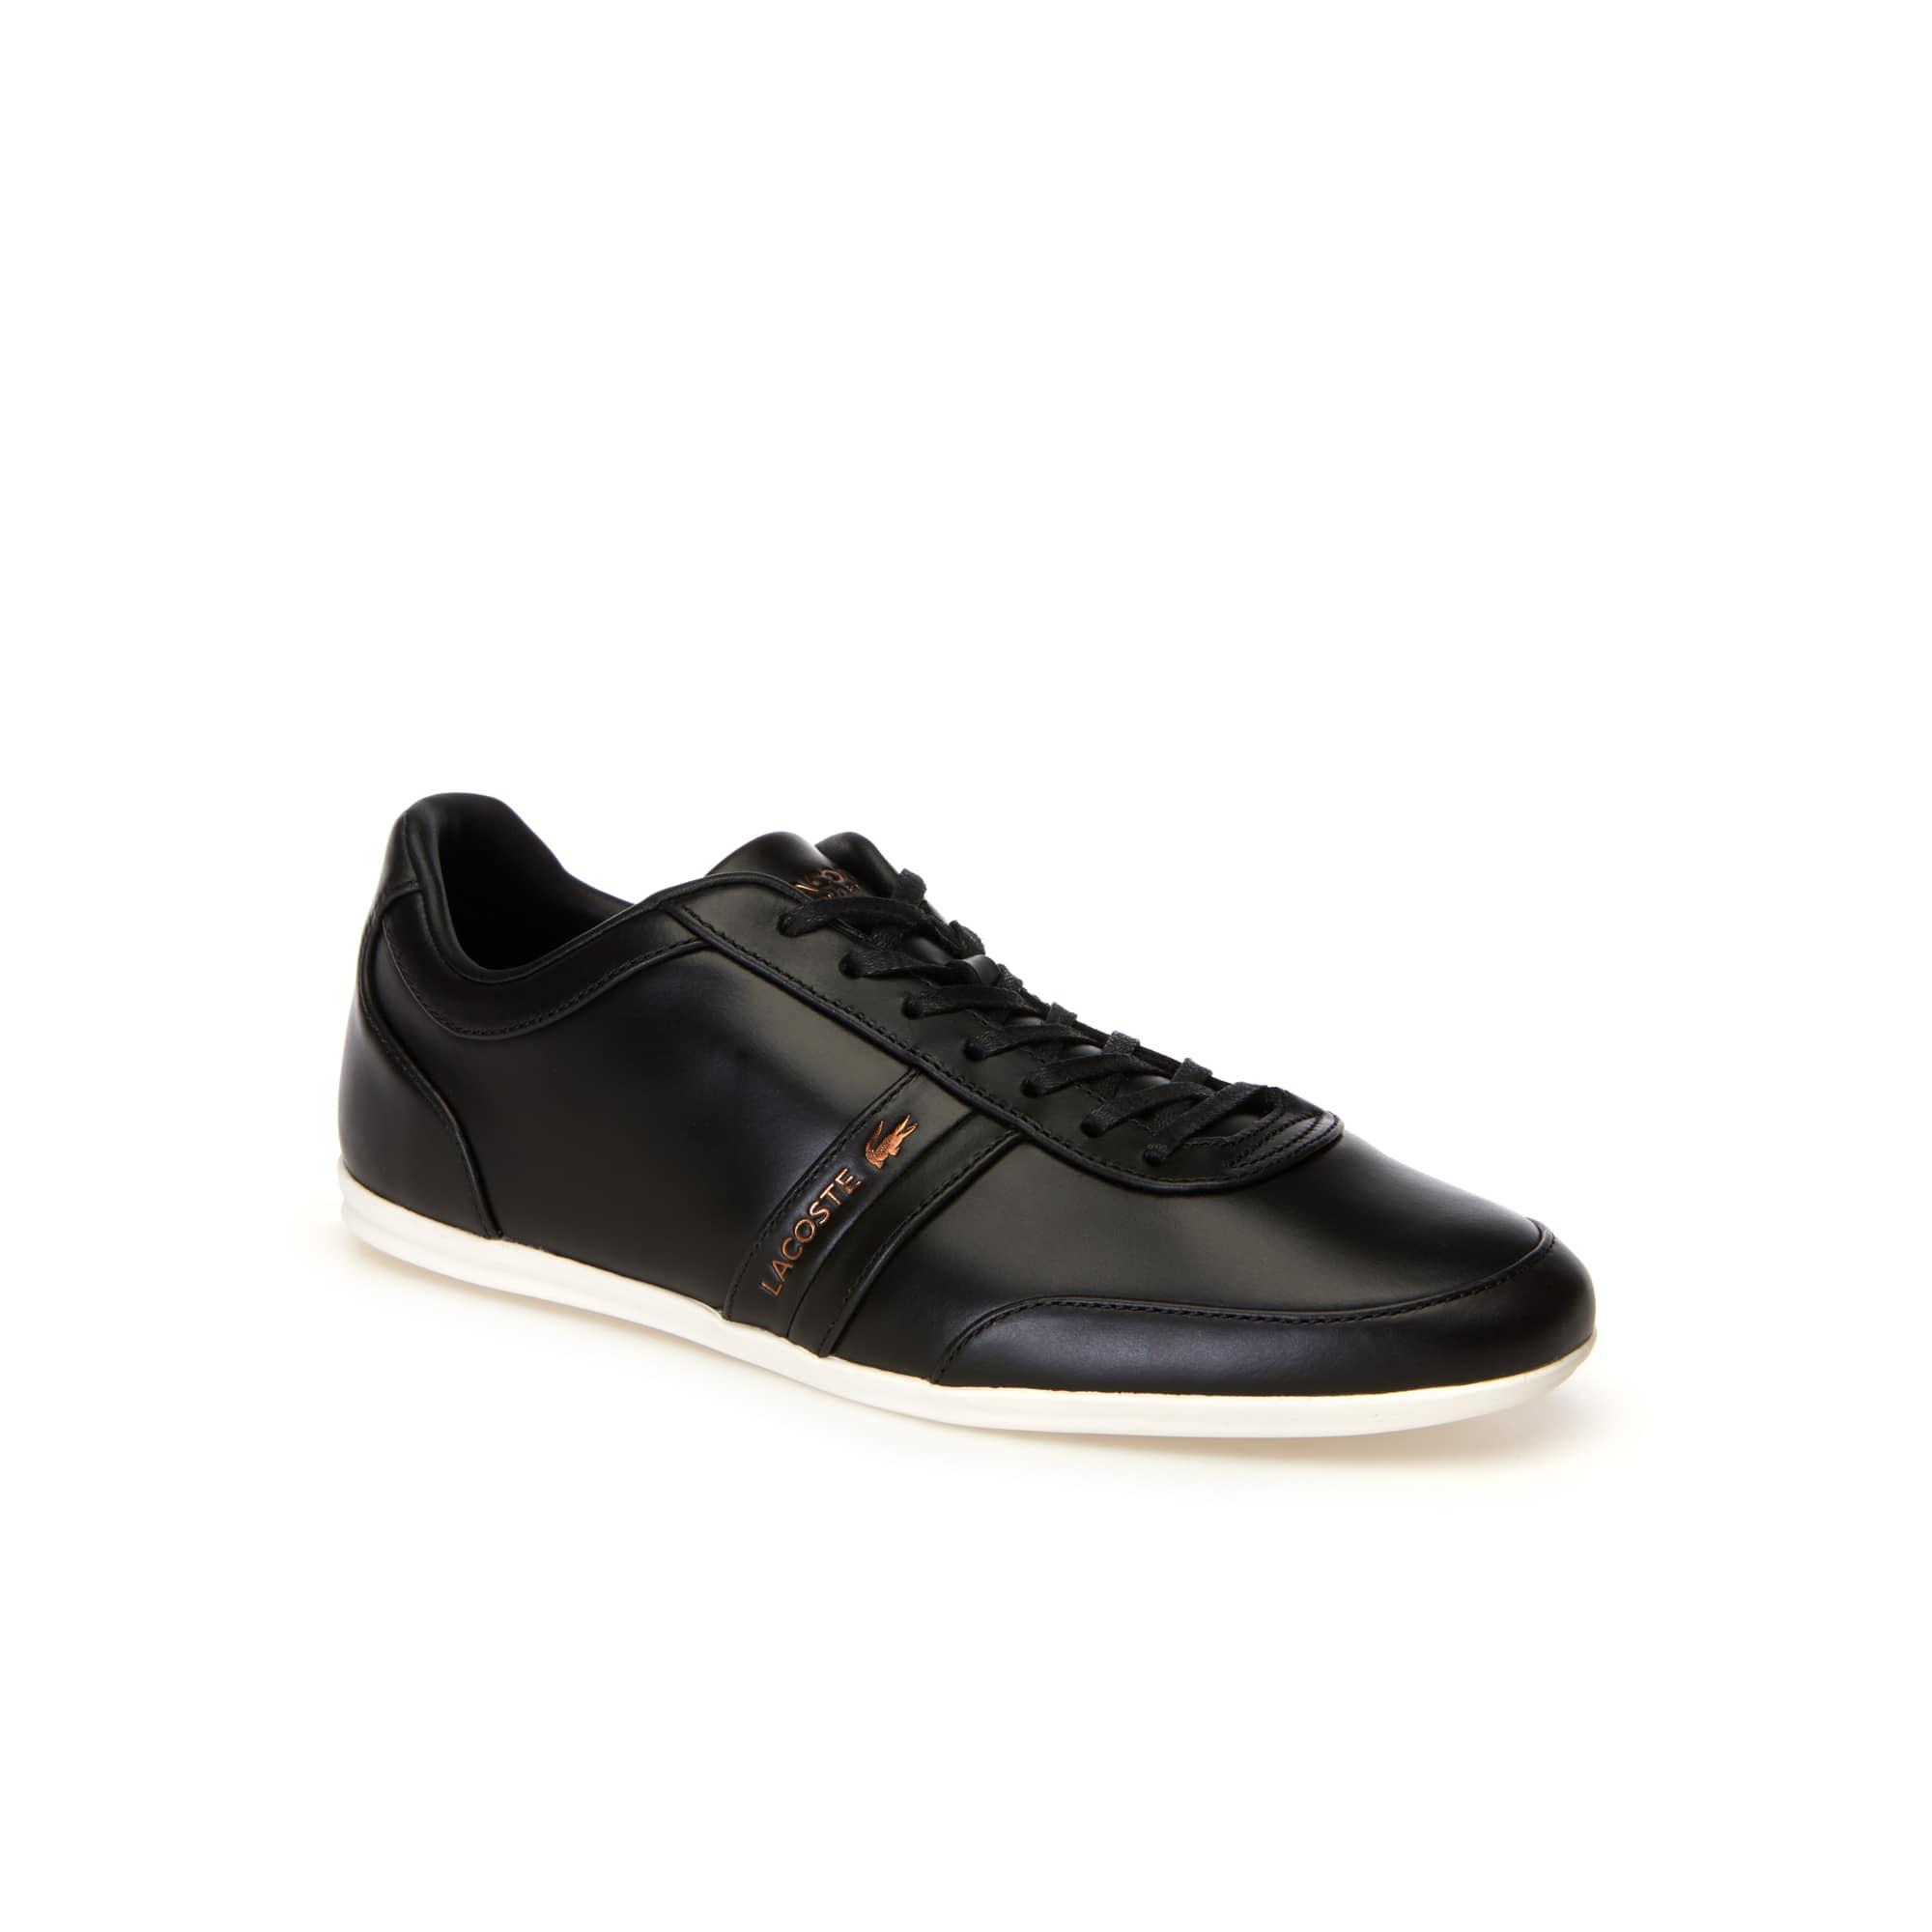 Sneakers Storda homme en cuir